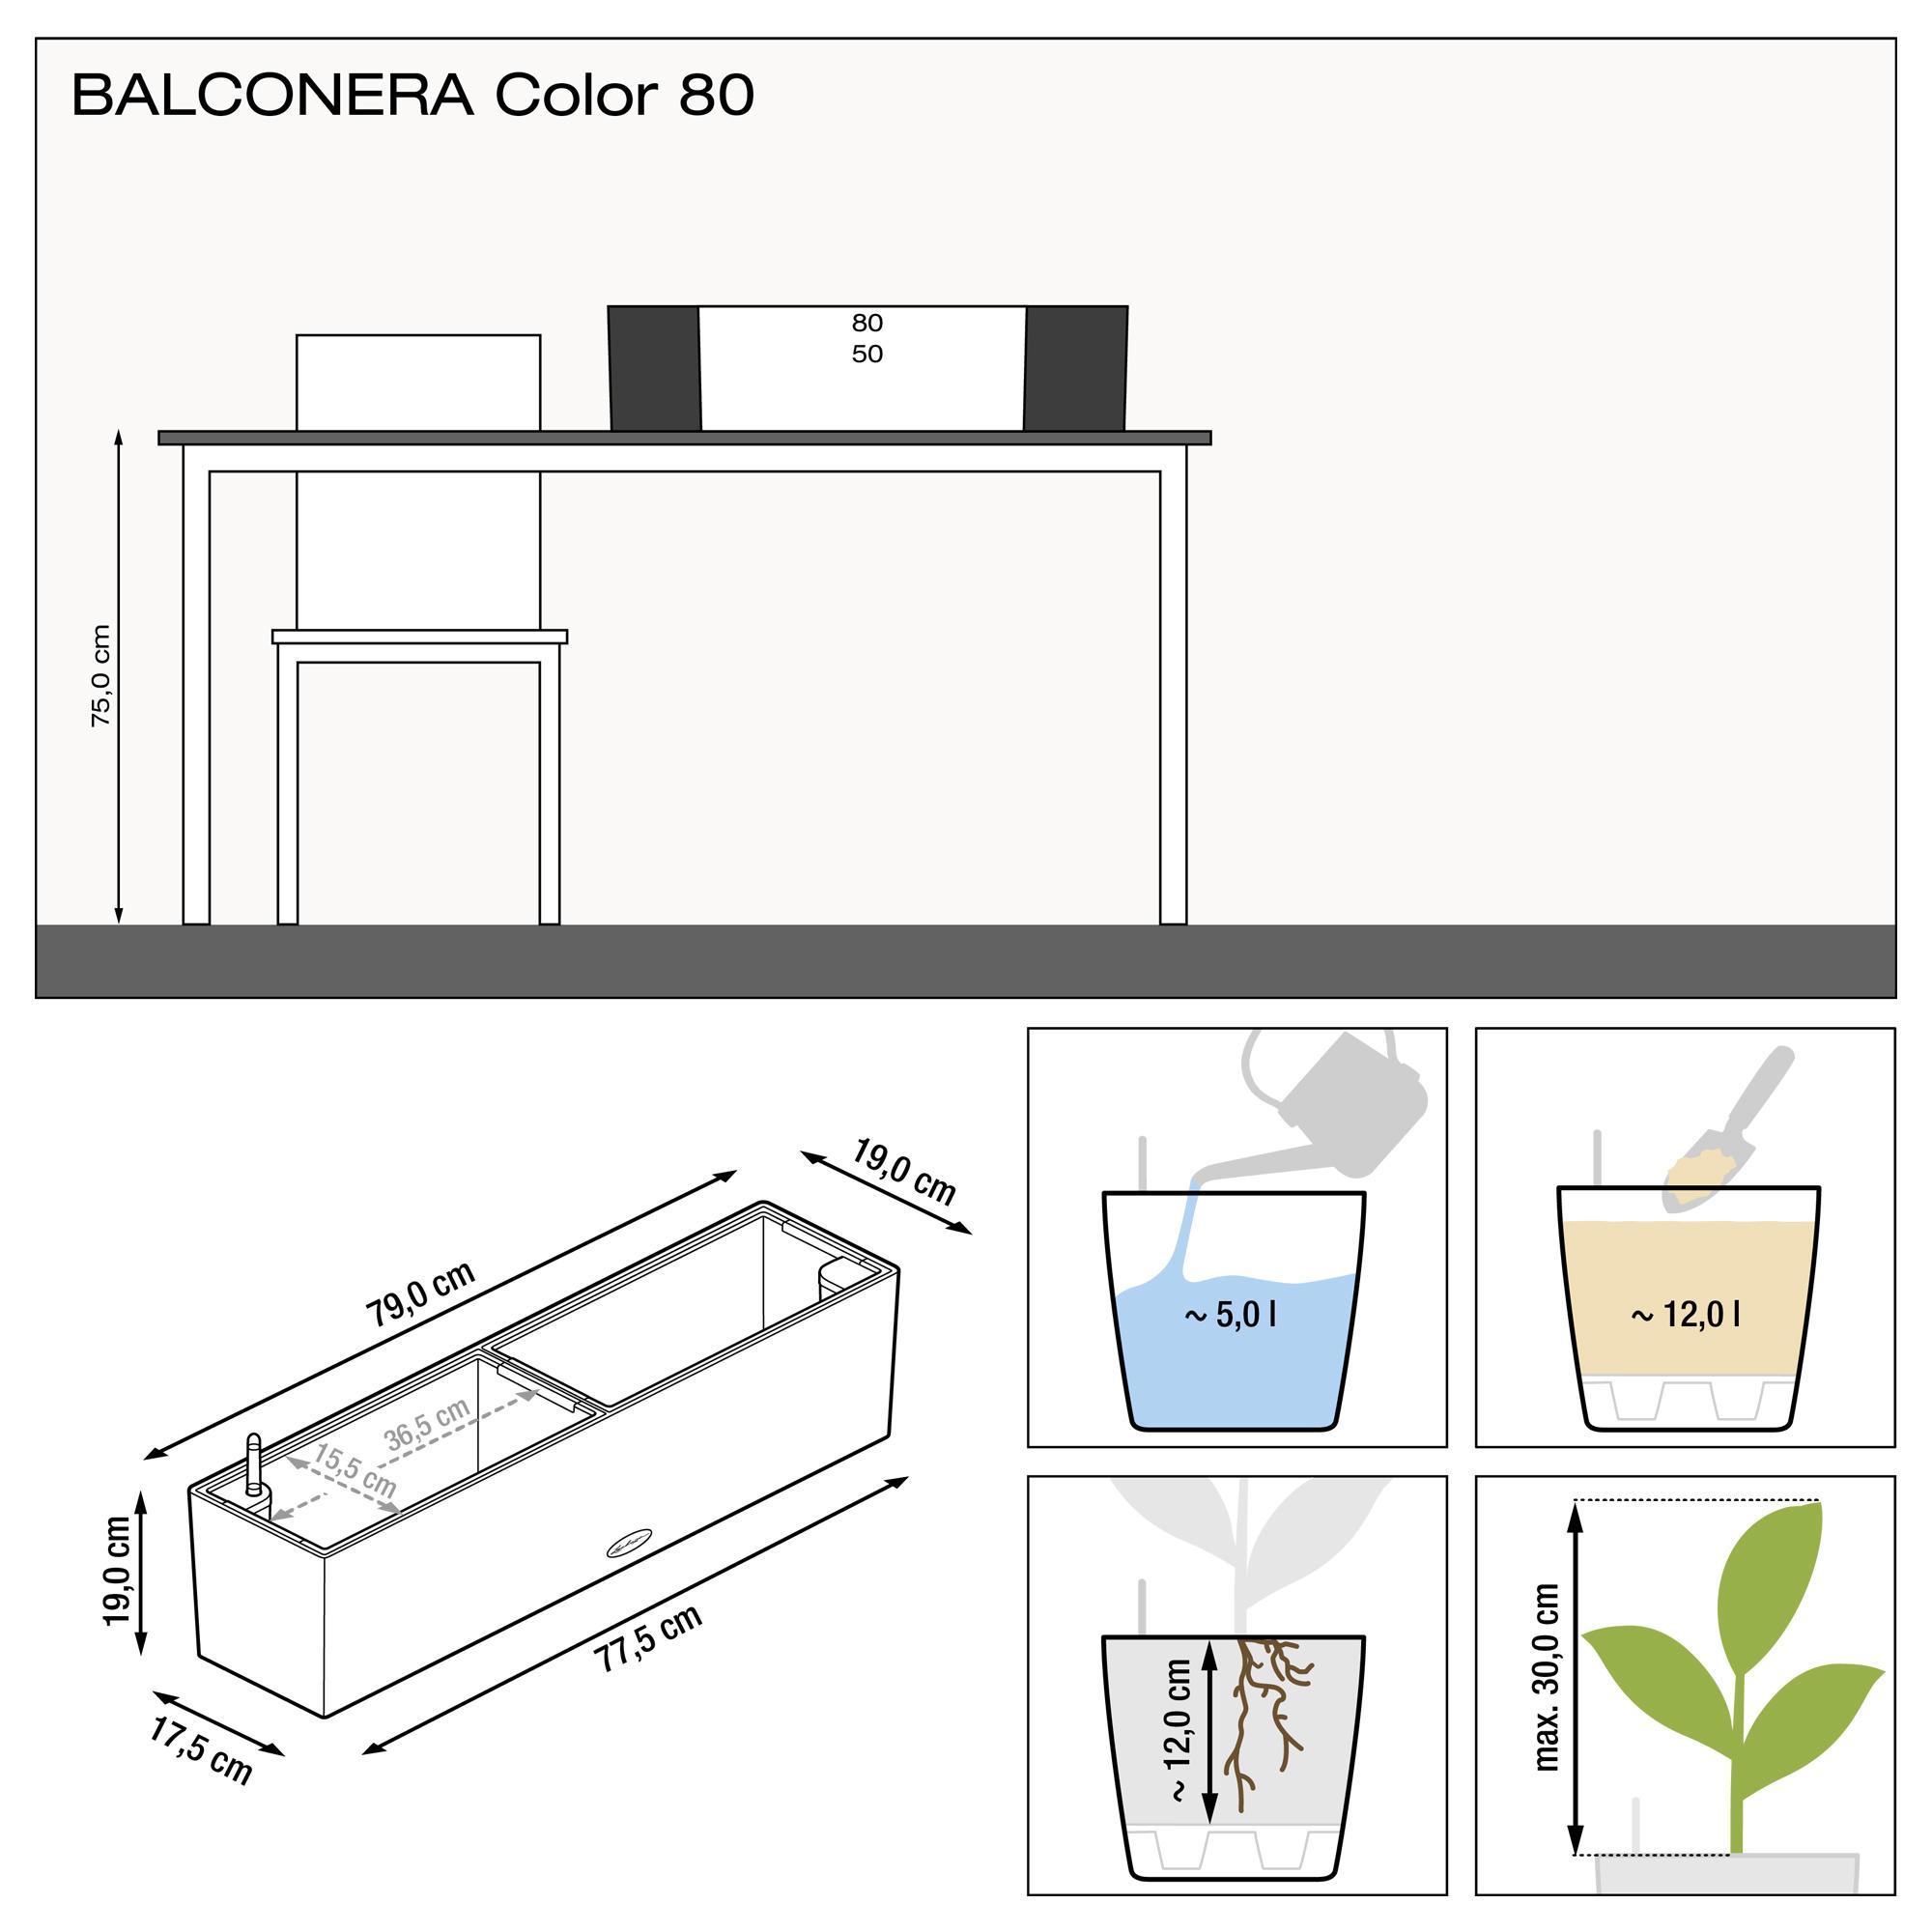 BALCONERA Color 80 blanco - Imagen 3